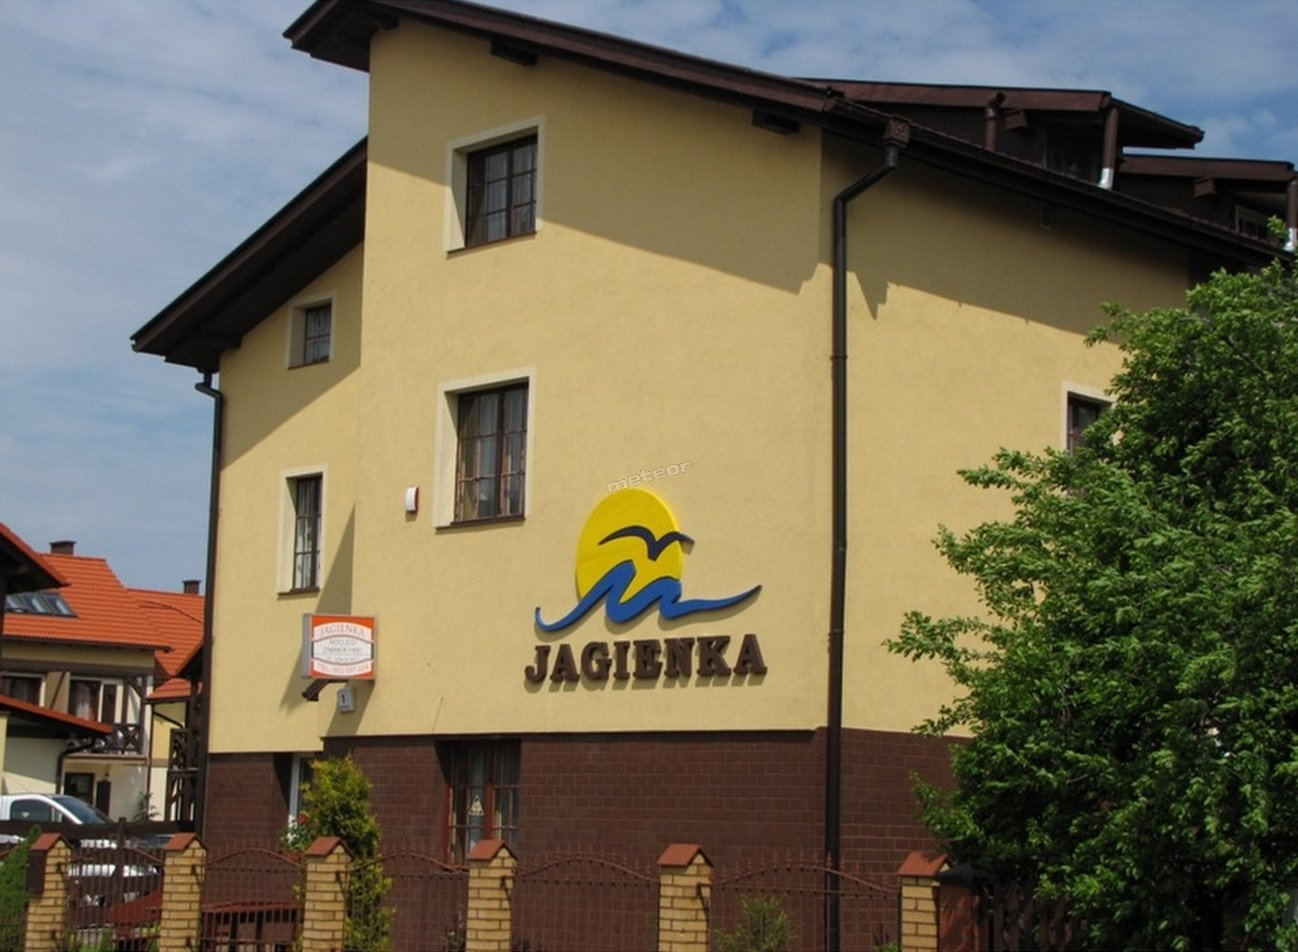 Pokoje Gościnne Jagienka